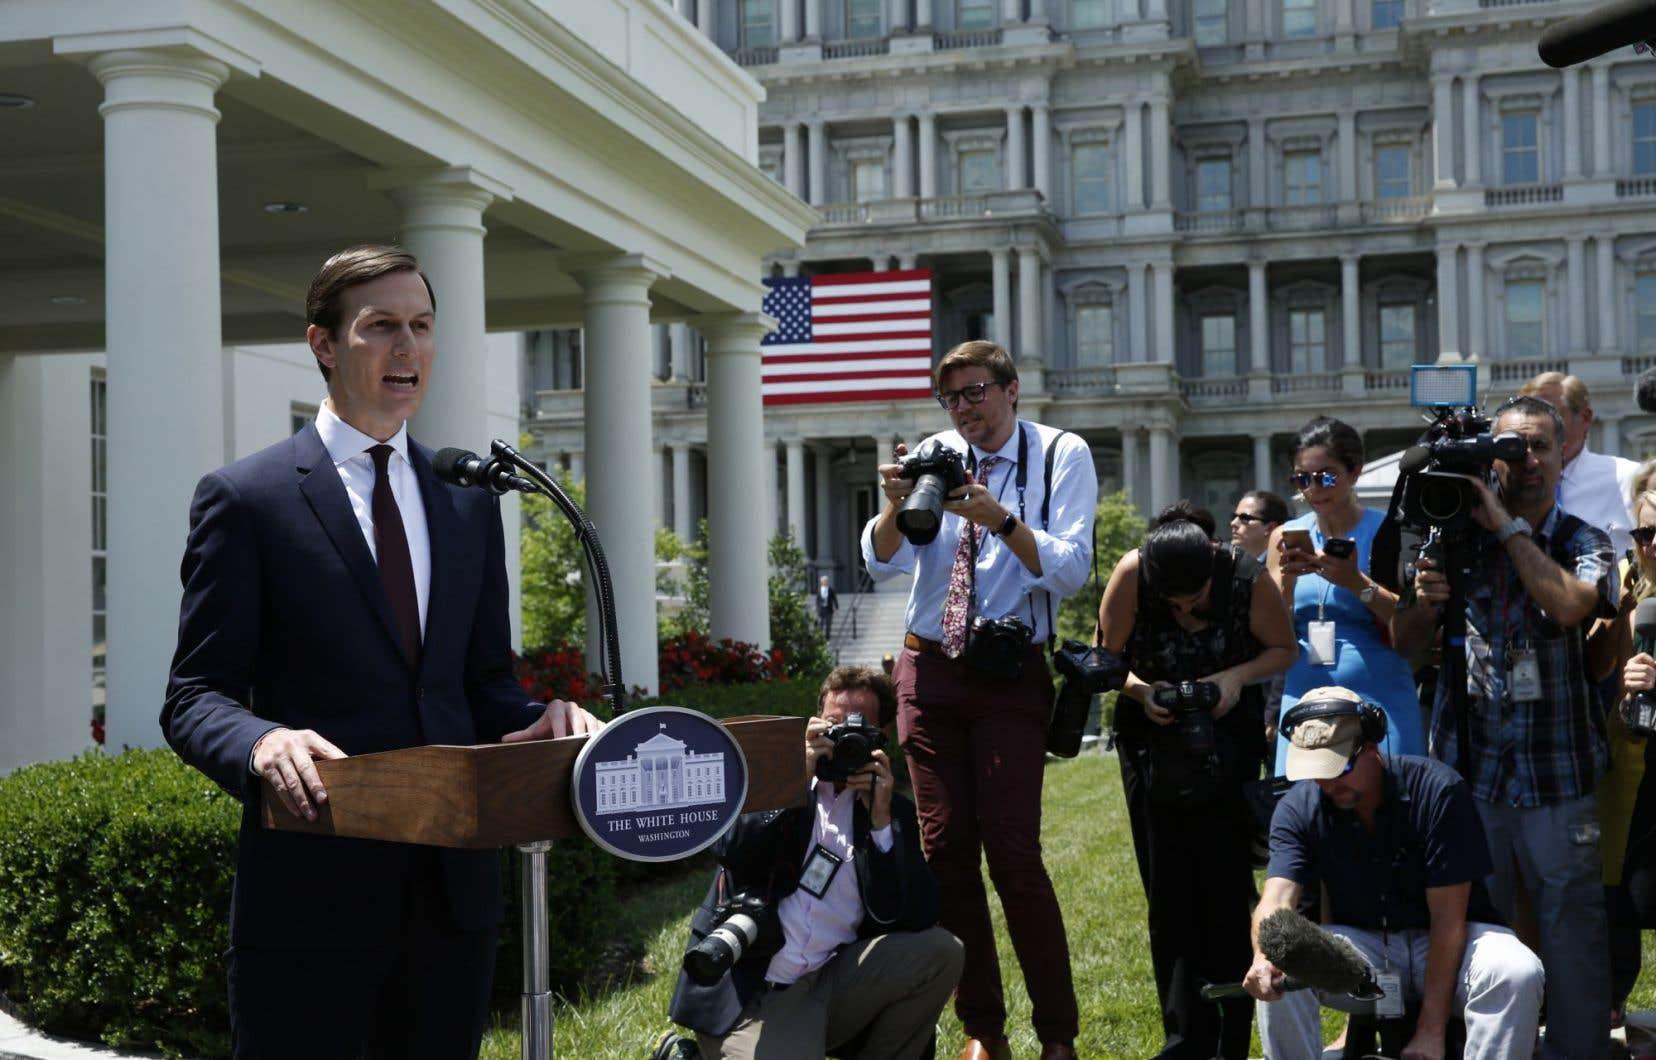 «Tous mes actes ont été appropriés», a déclaré Jared Kushner à son retour à la Maison-Blanche, lors d'une très rare déclaration publique.